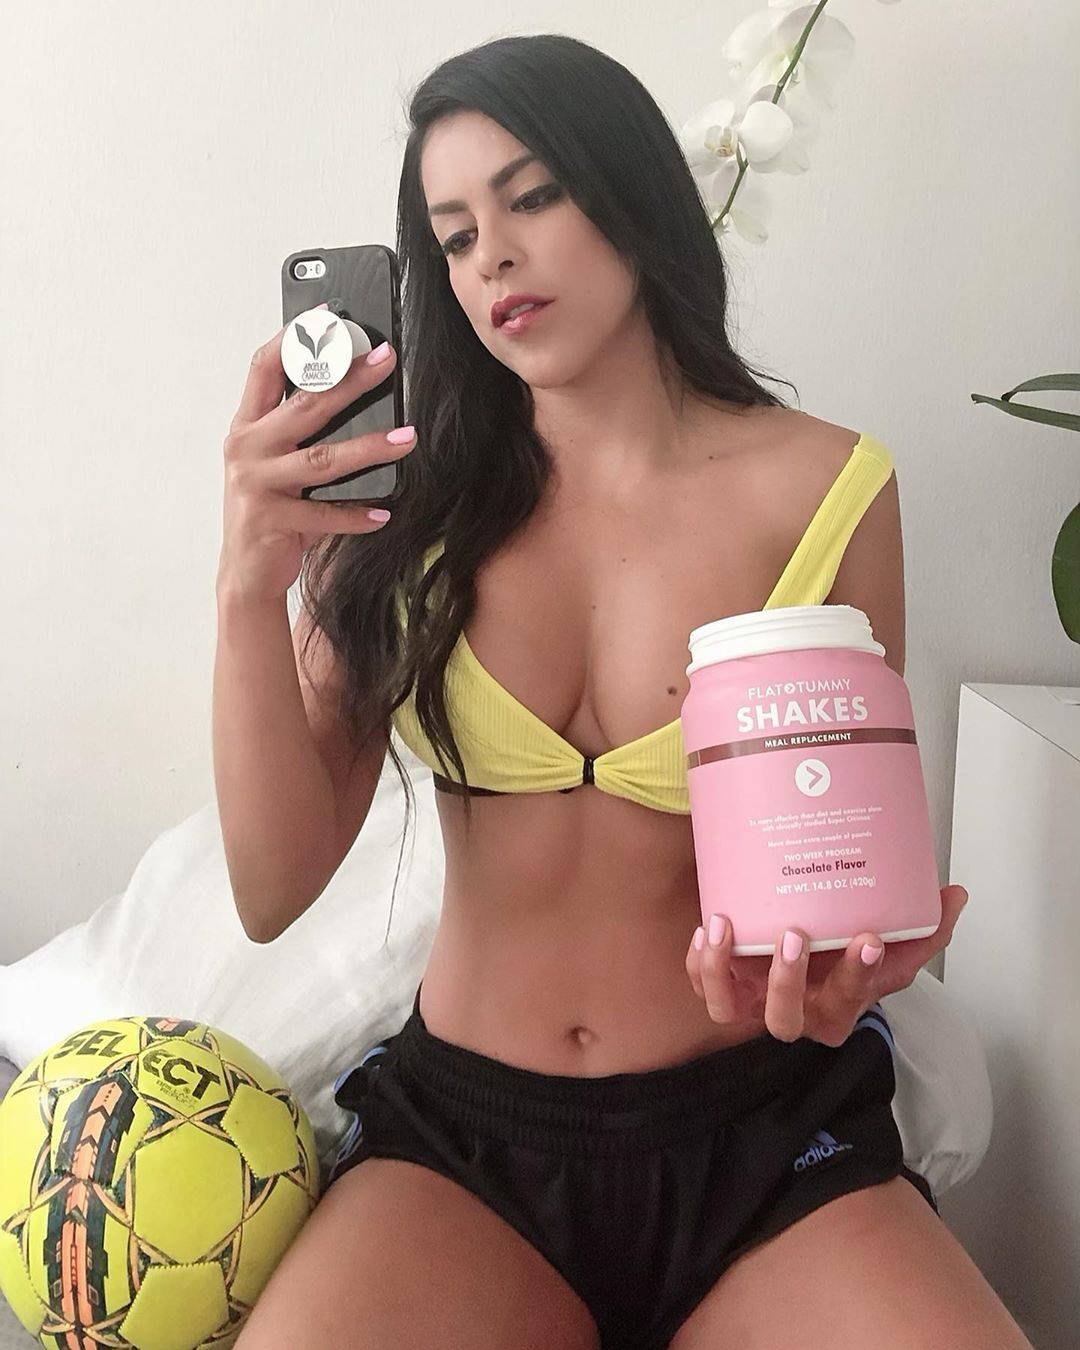 Анжелика Камачо